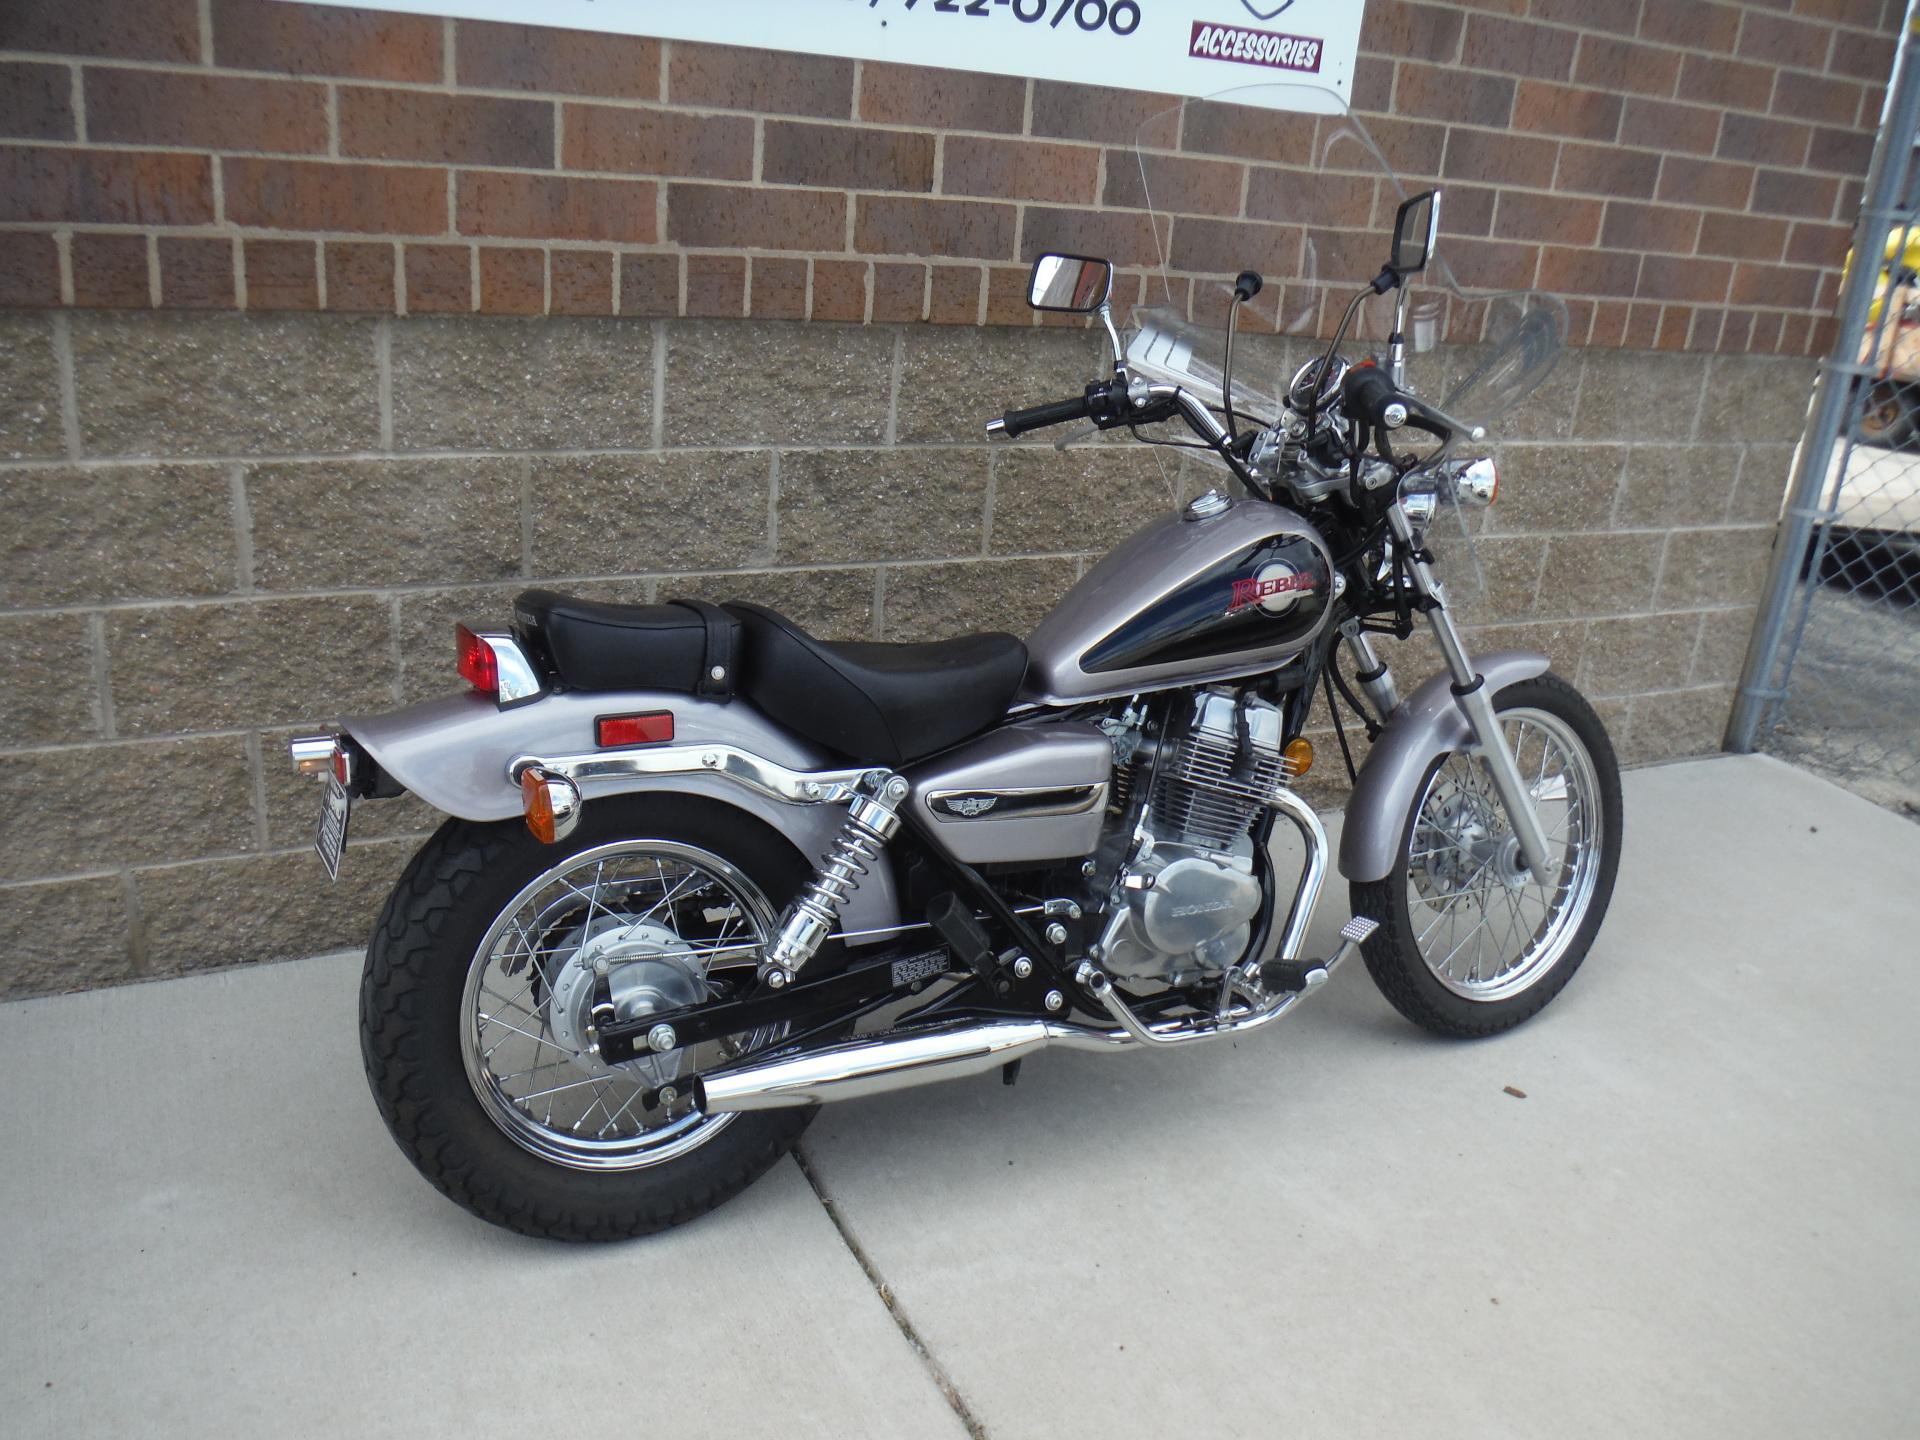 2000 Honda Rebel 250